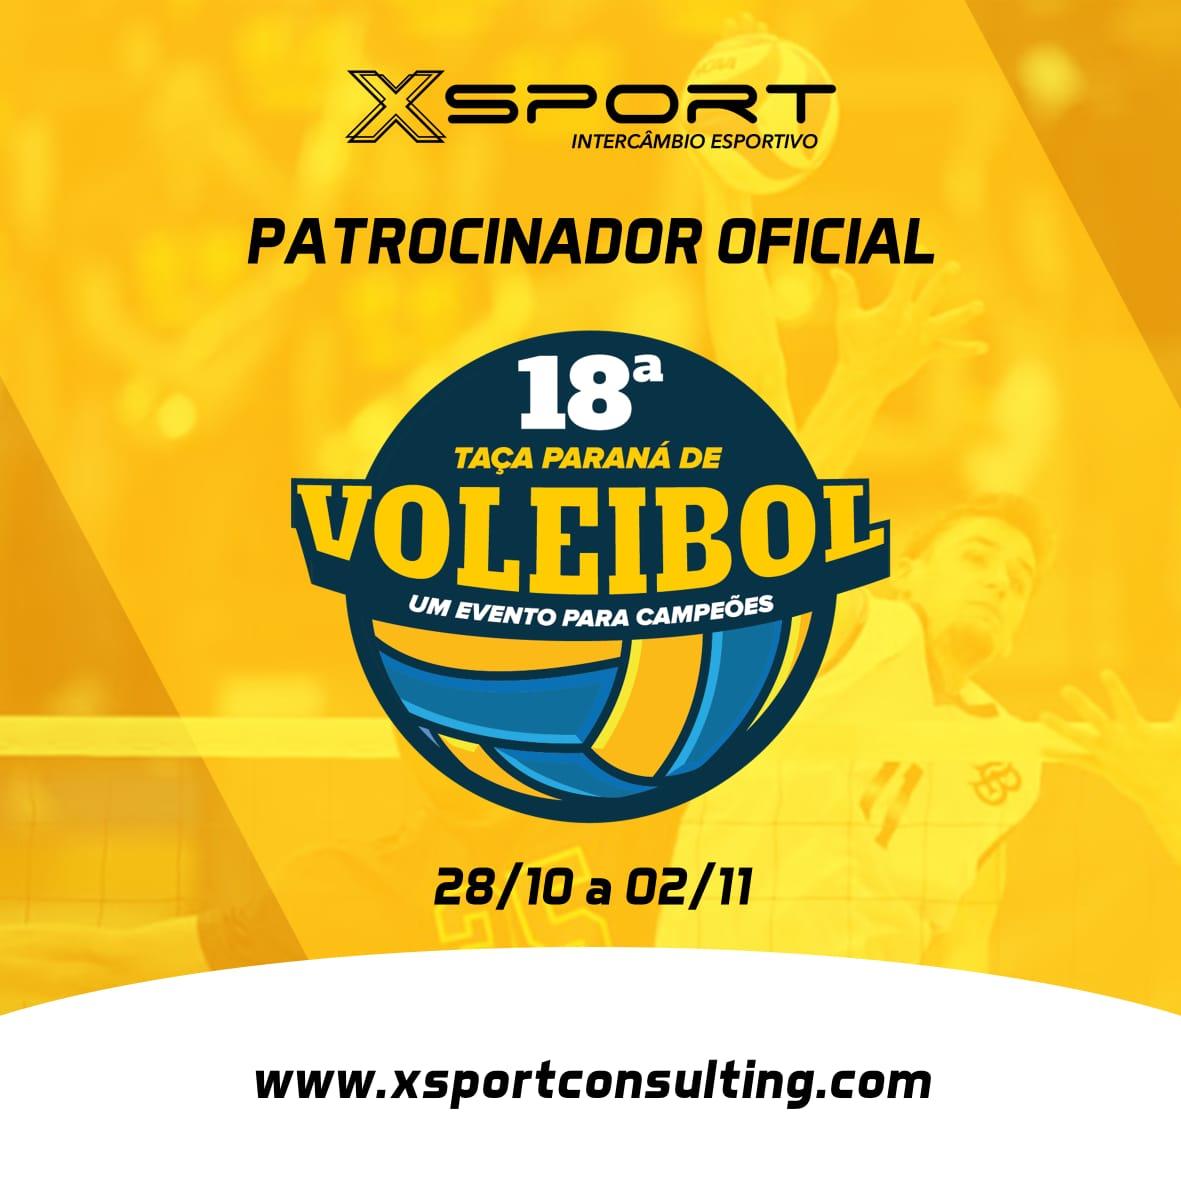 XSPORT fecha parceria com a Taça Paraná de Voleibol e terá representante no evento.